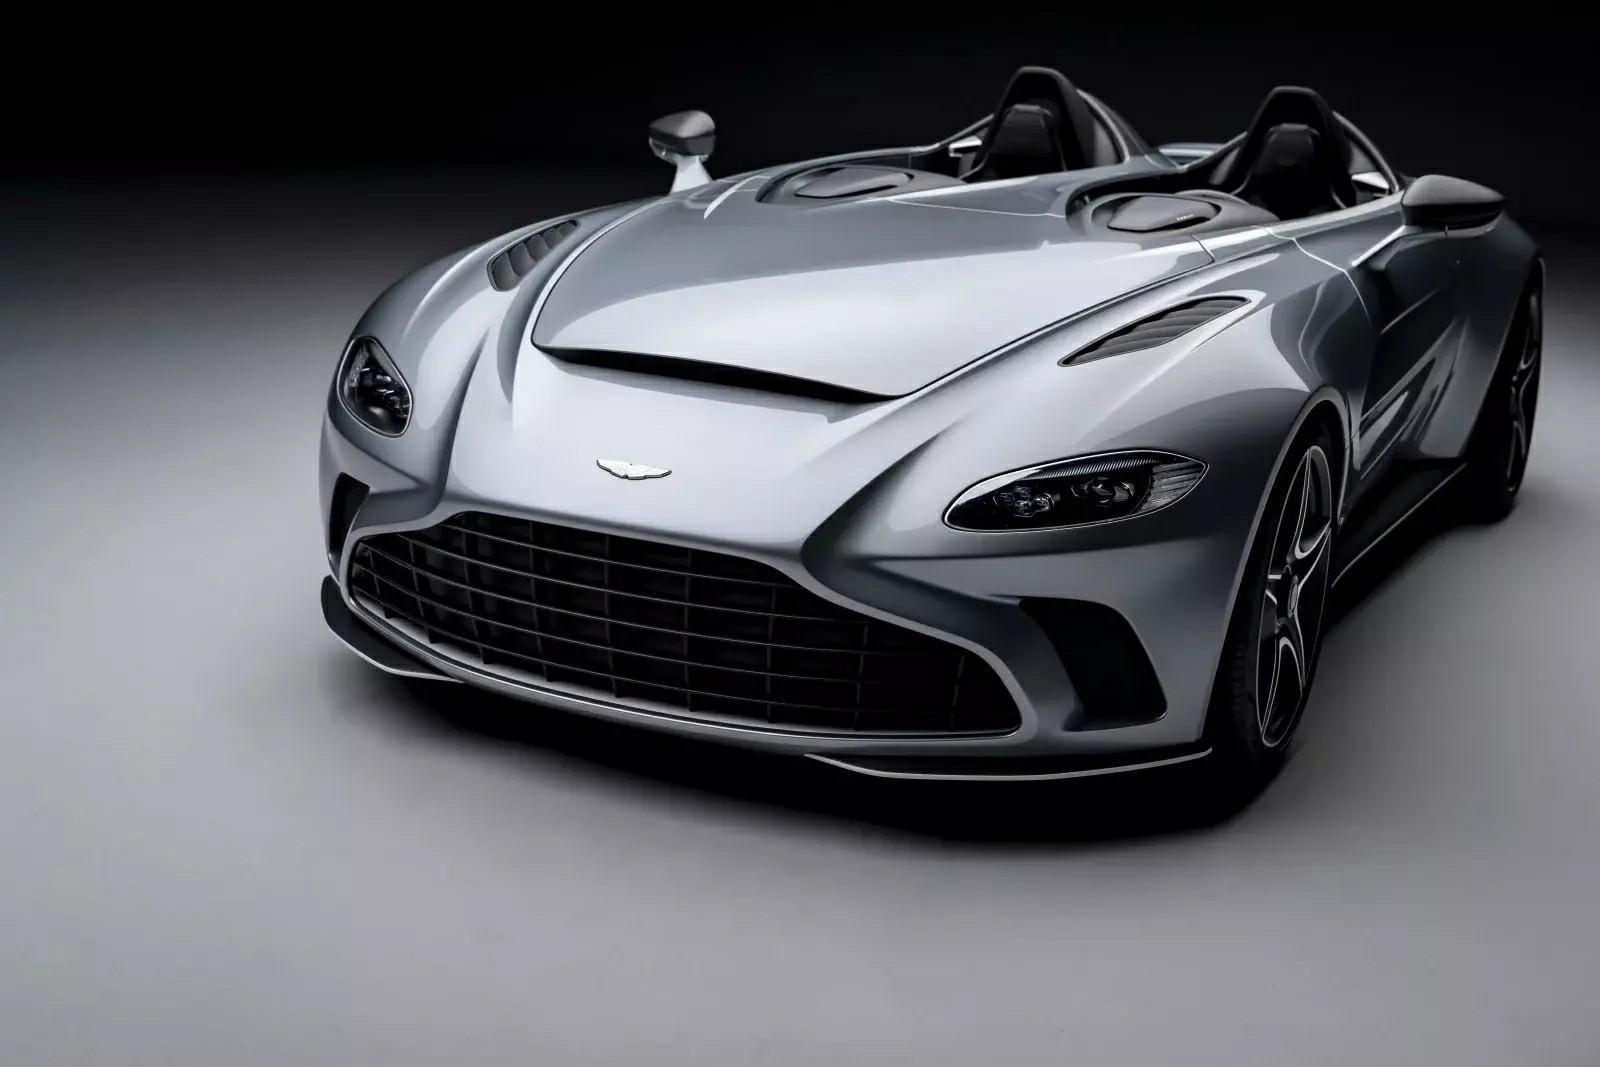 2021款阿斯顿·马丁V12Speedster